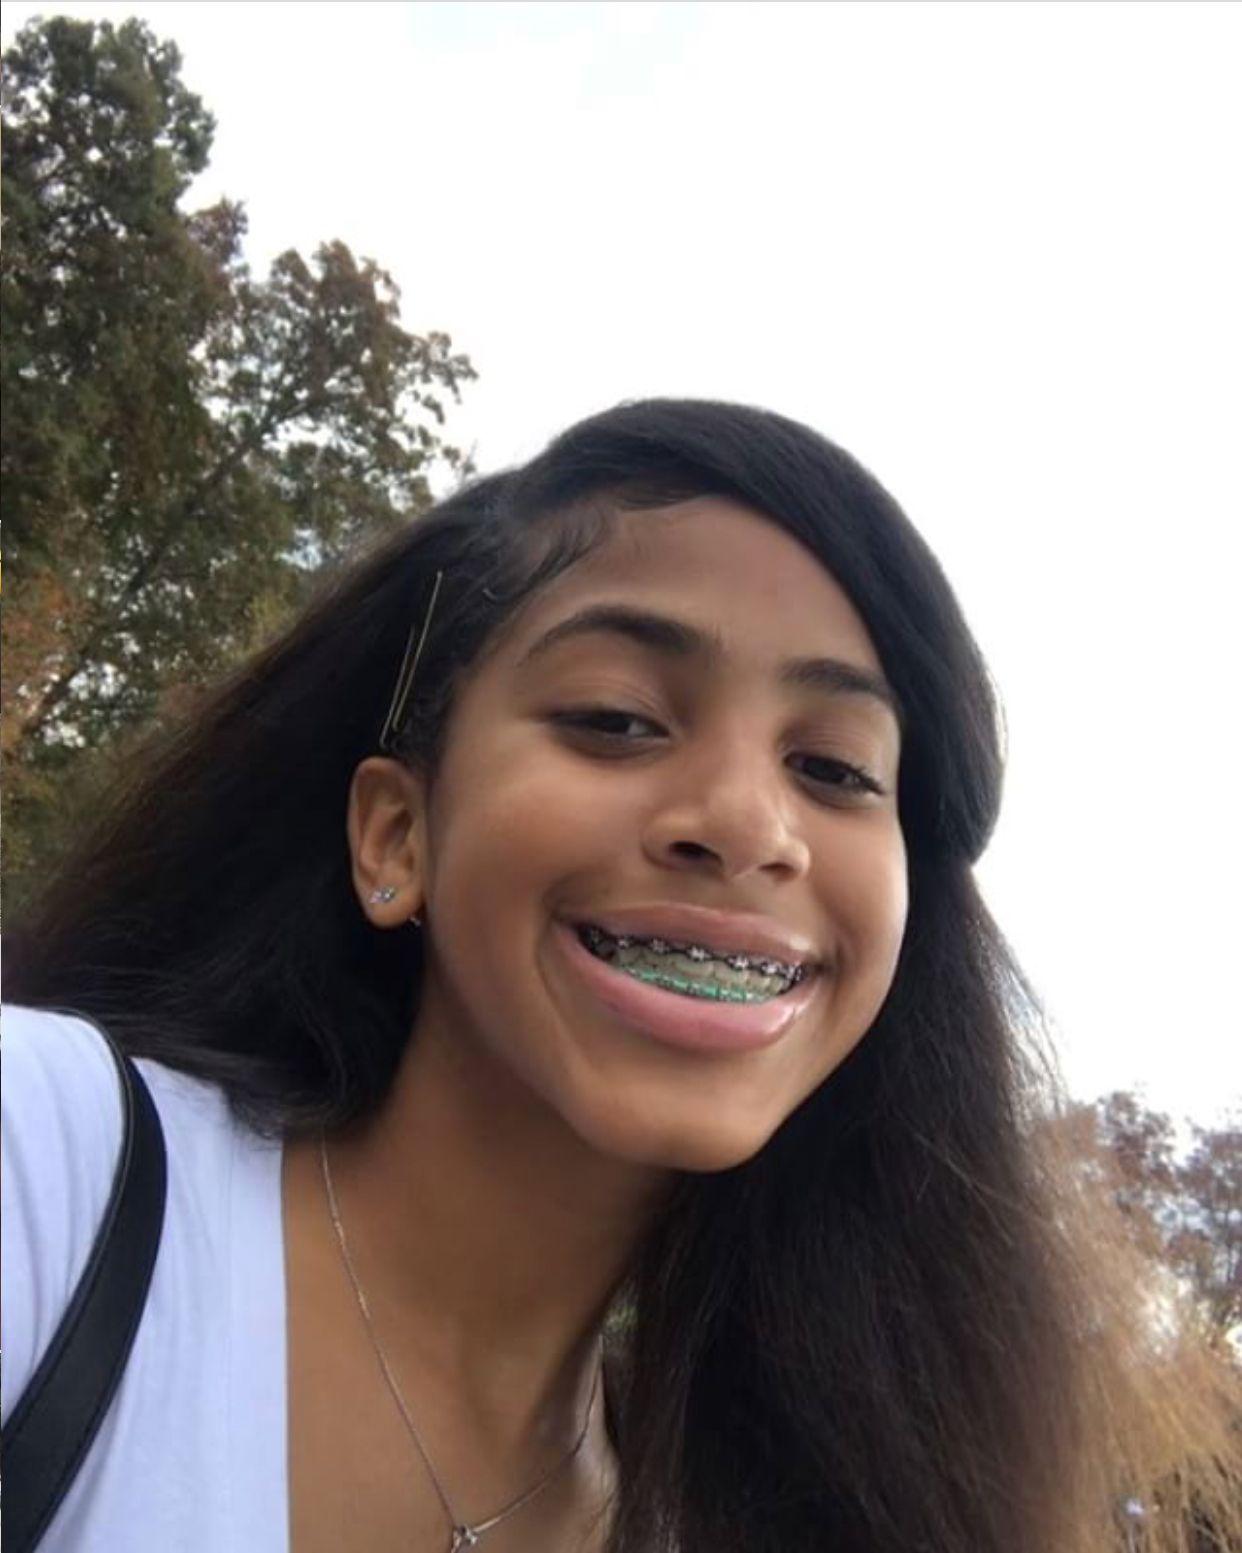 Pin by D💛 on BRACE〰️FACE   Teeth braces, Braces girls ...